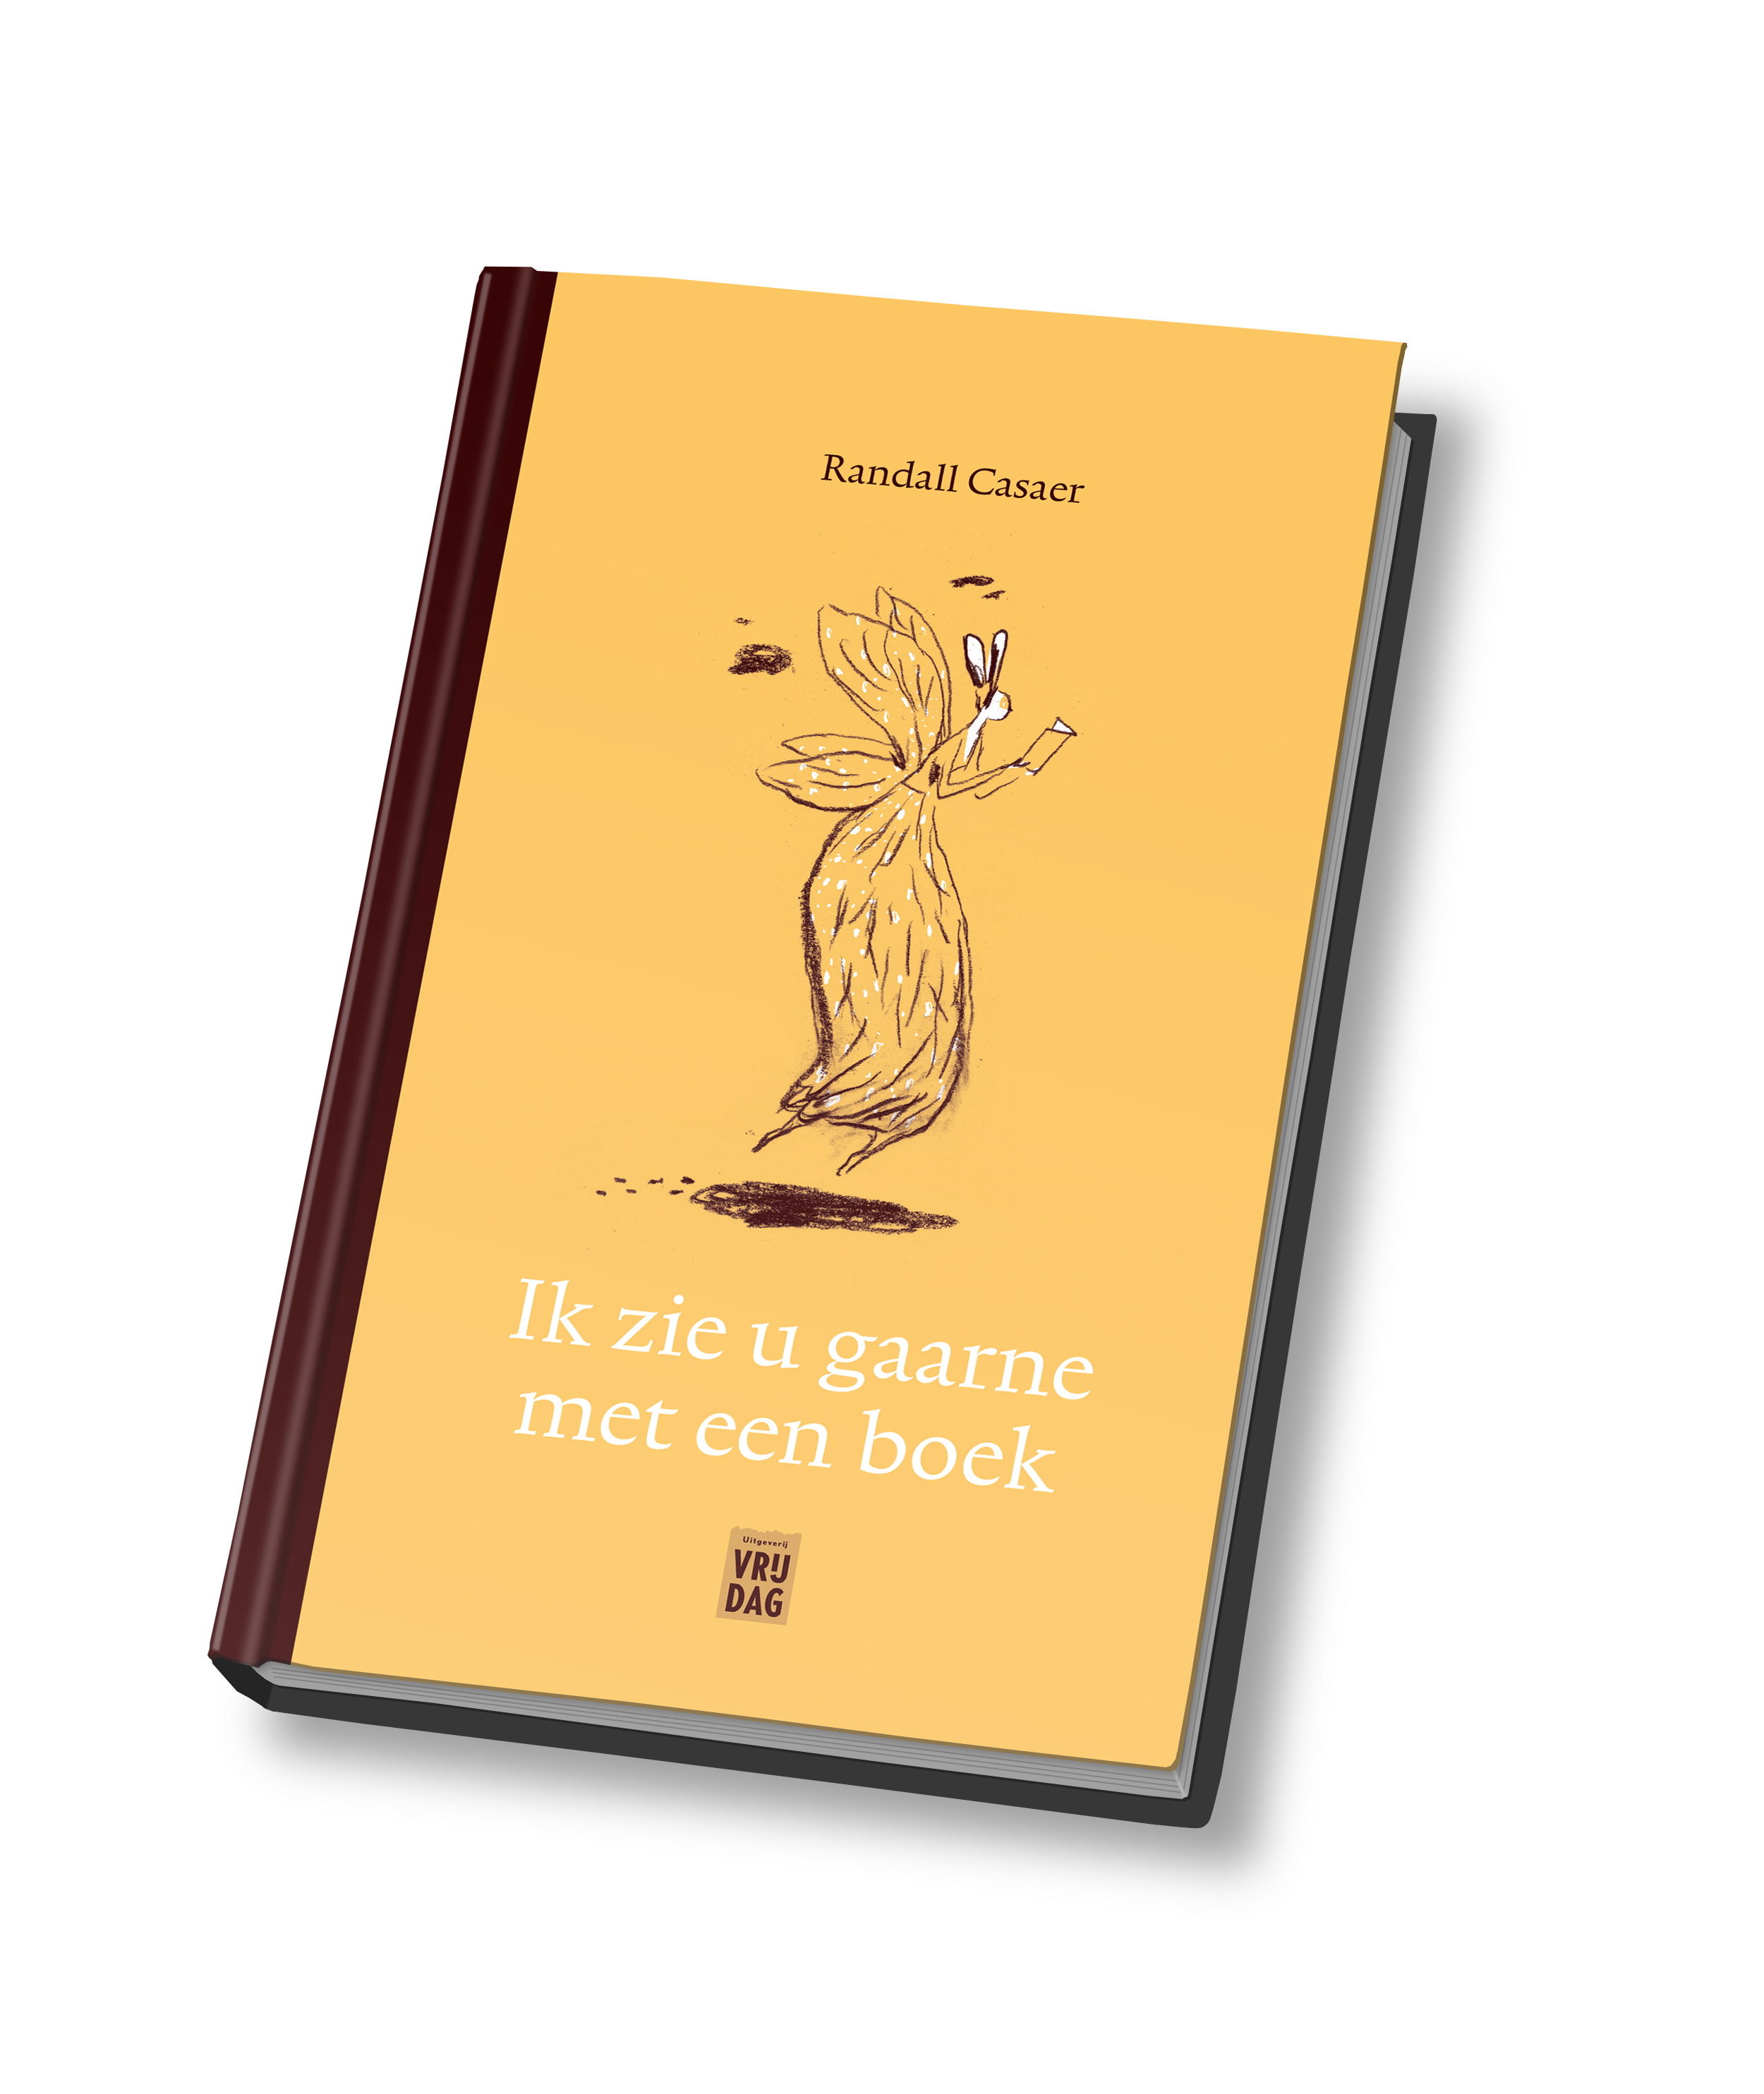 2013 Ik zie u gaarne met een boek - uitgevrij Vrijdag